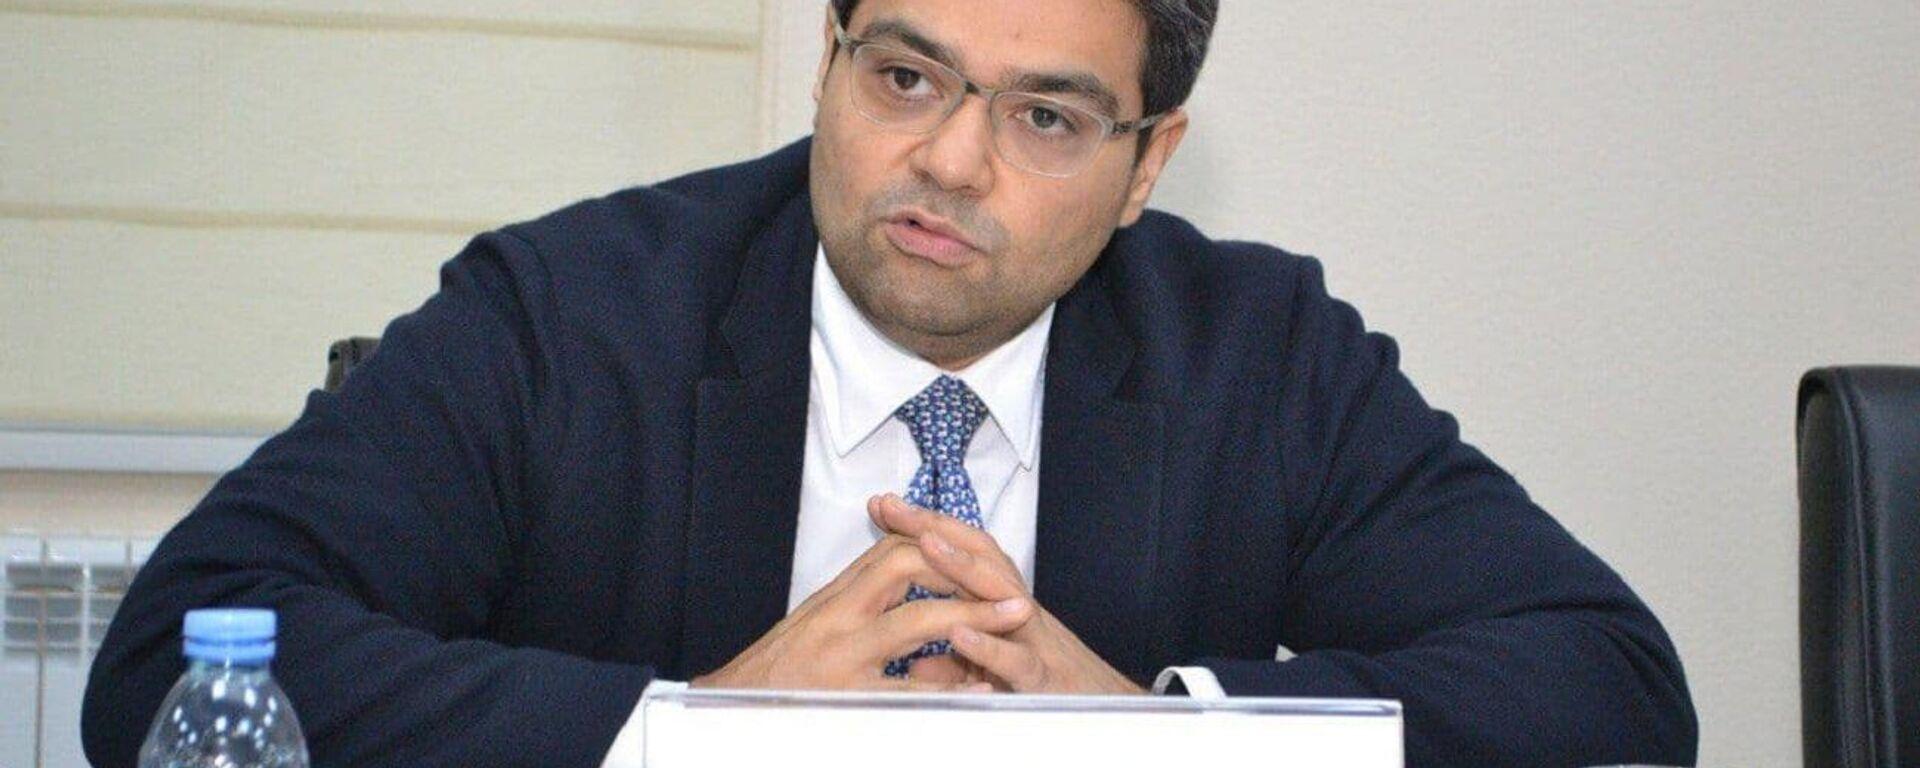 Азим Ахмедхаджаев назначен первым заместителем министра энергетики - Sputnik Ўзбекистон, 1920, 01.09.2021